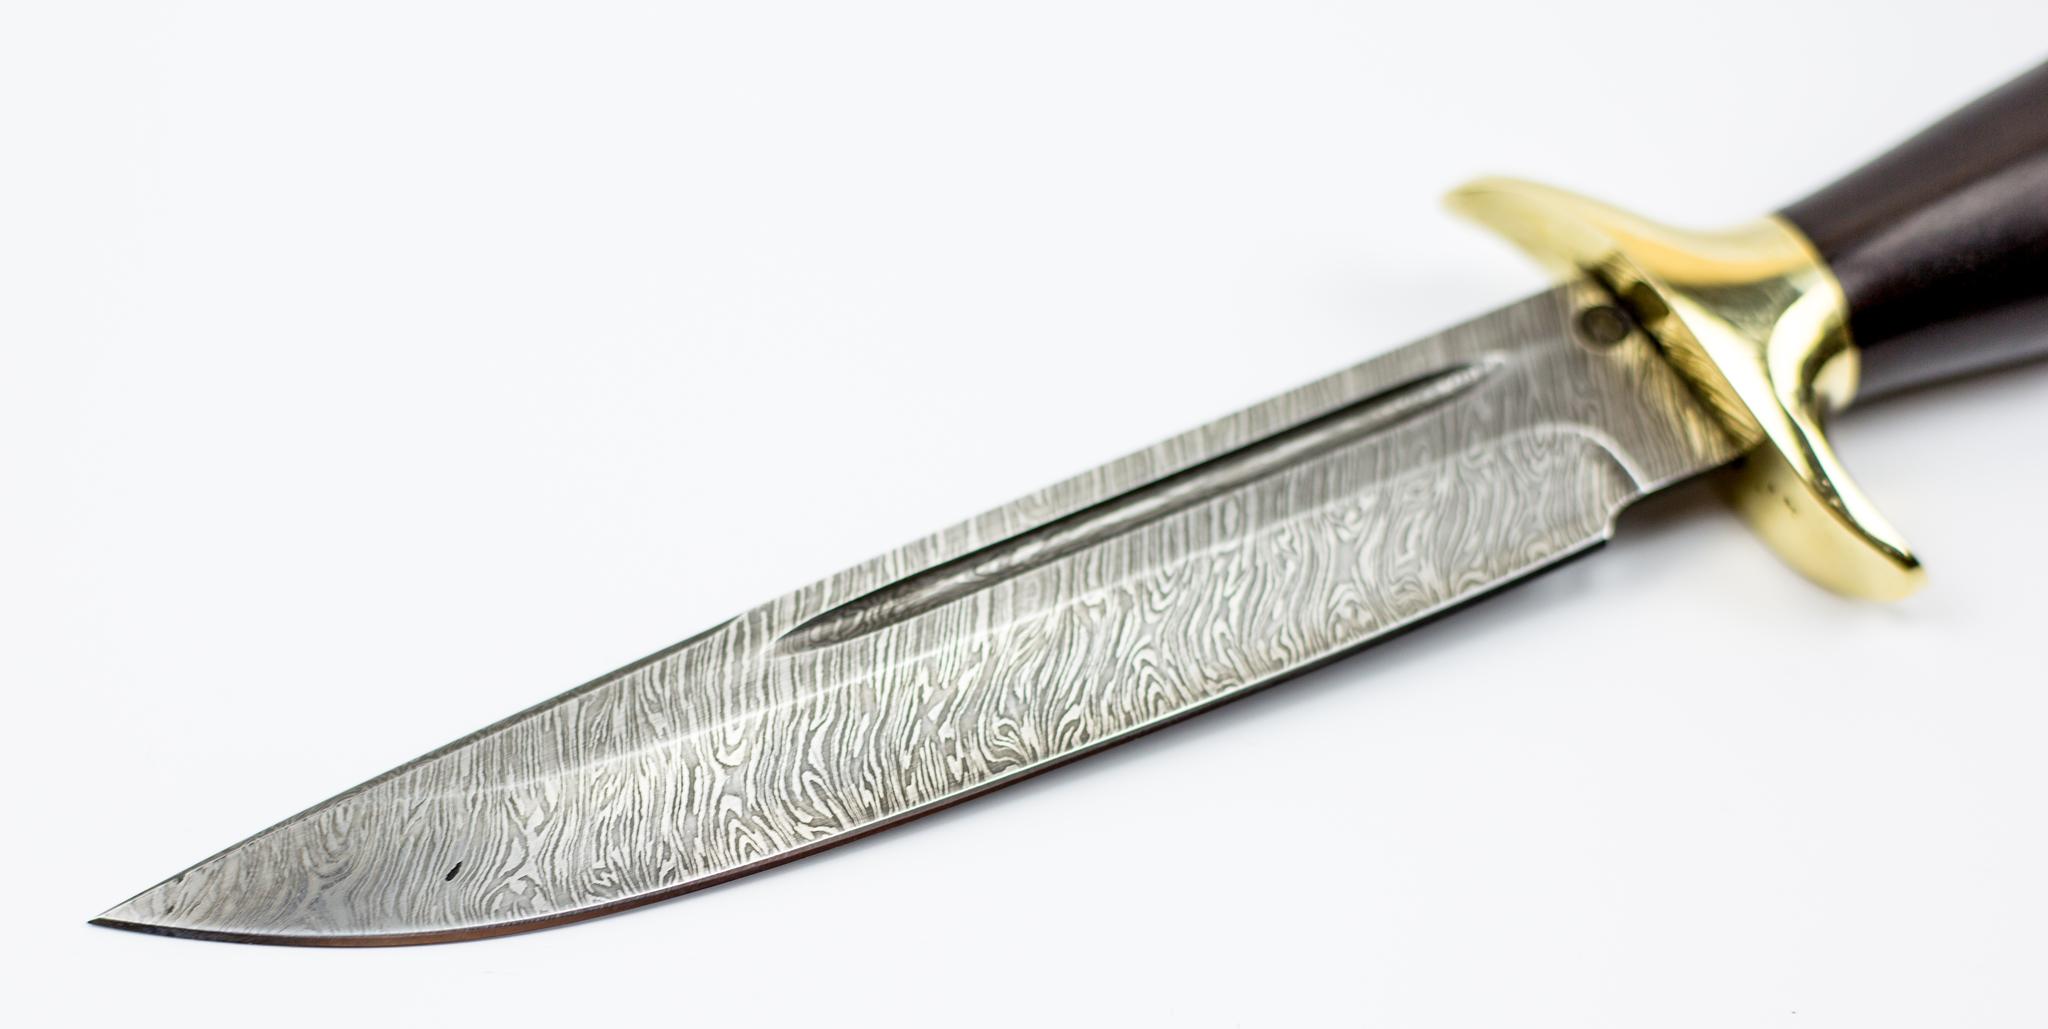 Фото 13 - Нож Норвежец, сталь дамаск, рукоять граб от Ножи Крутова